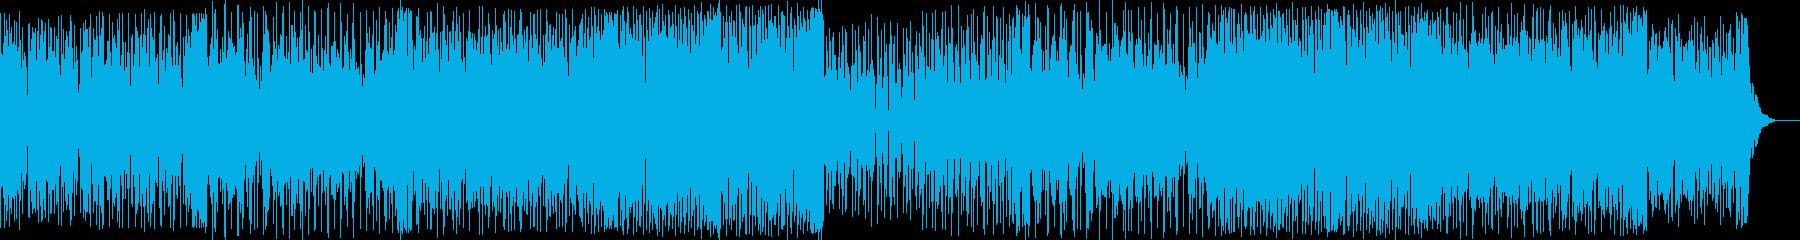 切なくカッコいいEDMダンス曲の再生済みの波形